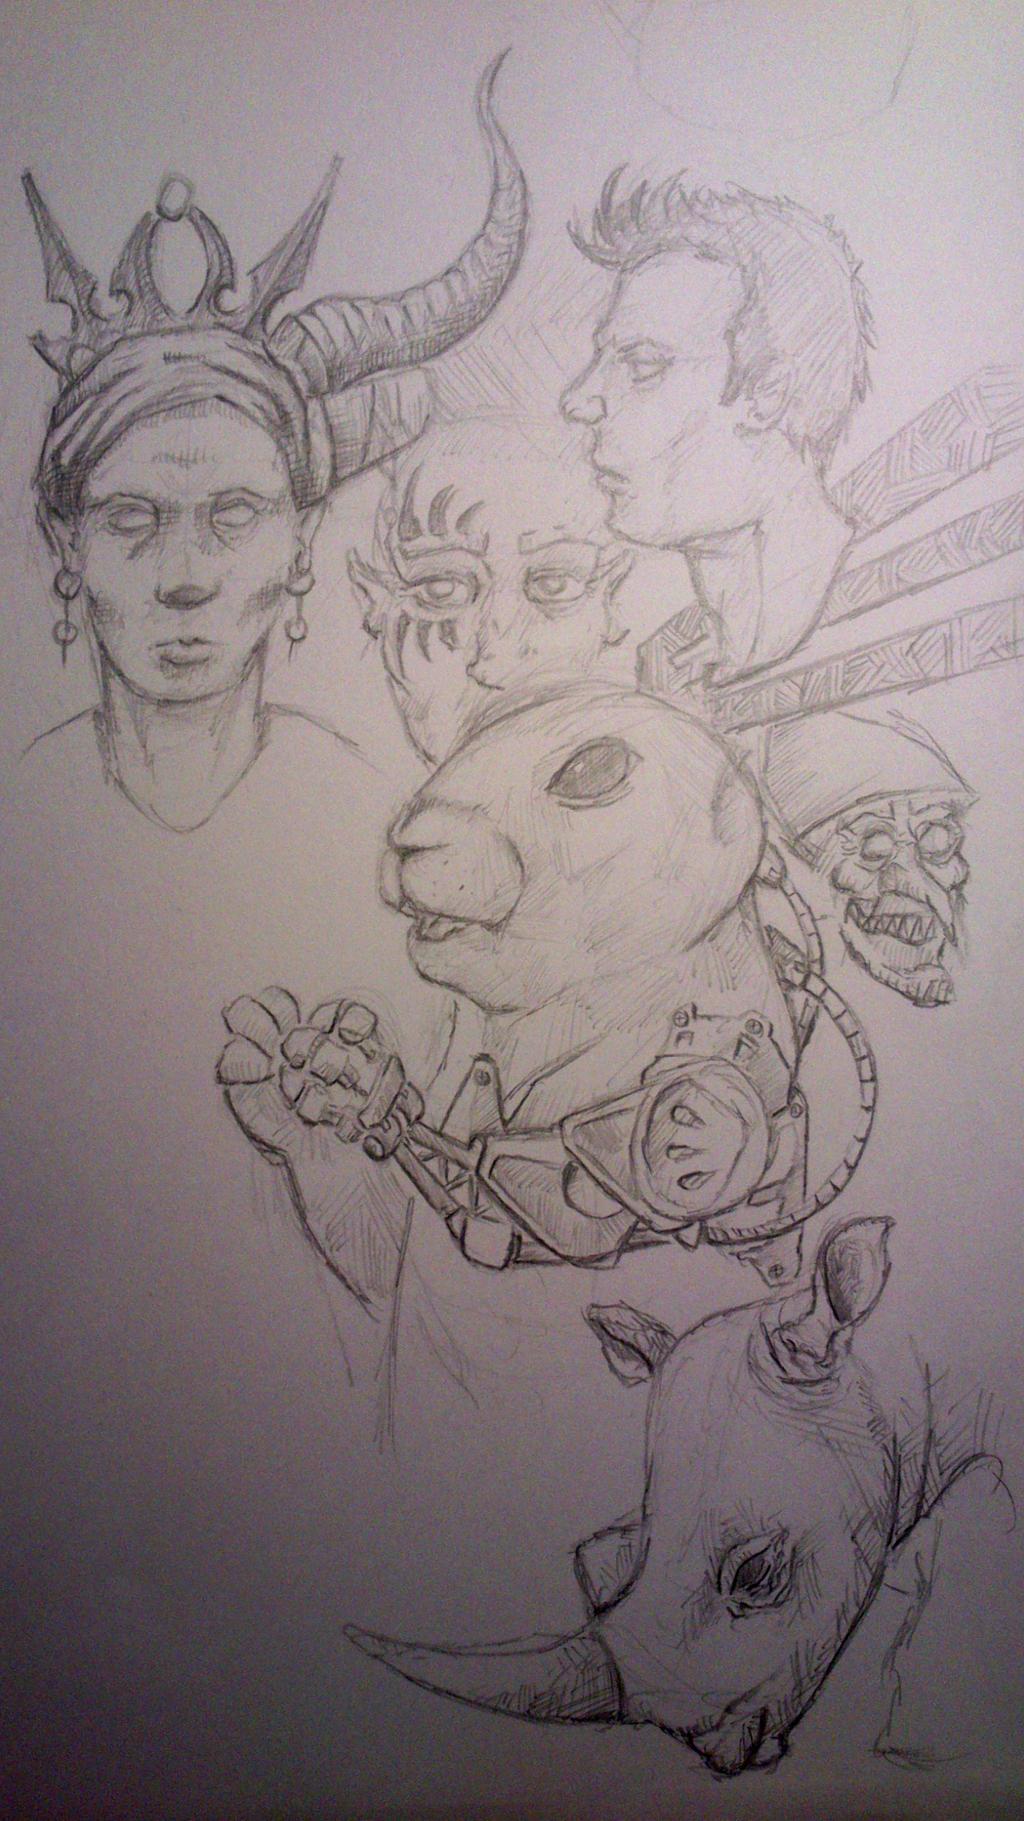 dailey sketchdump by TomHeye